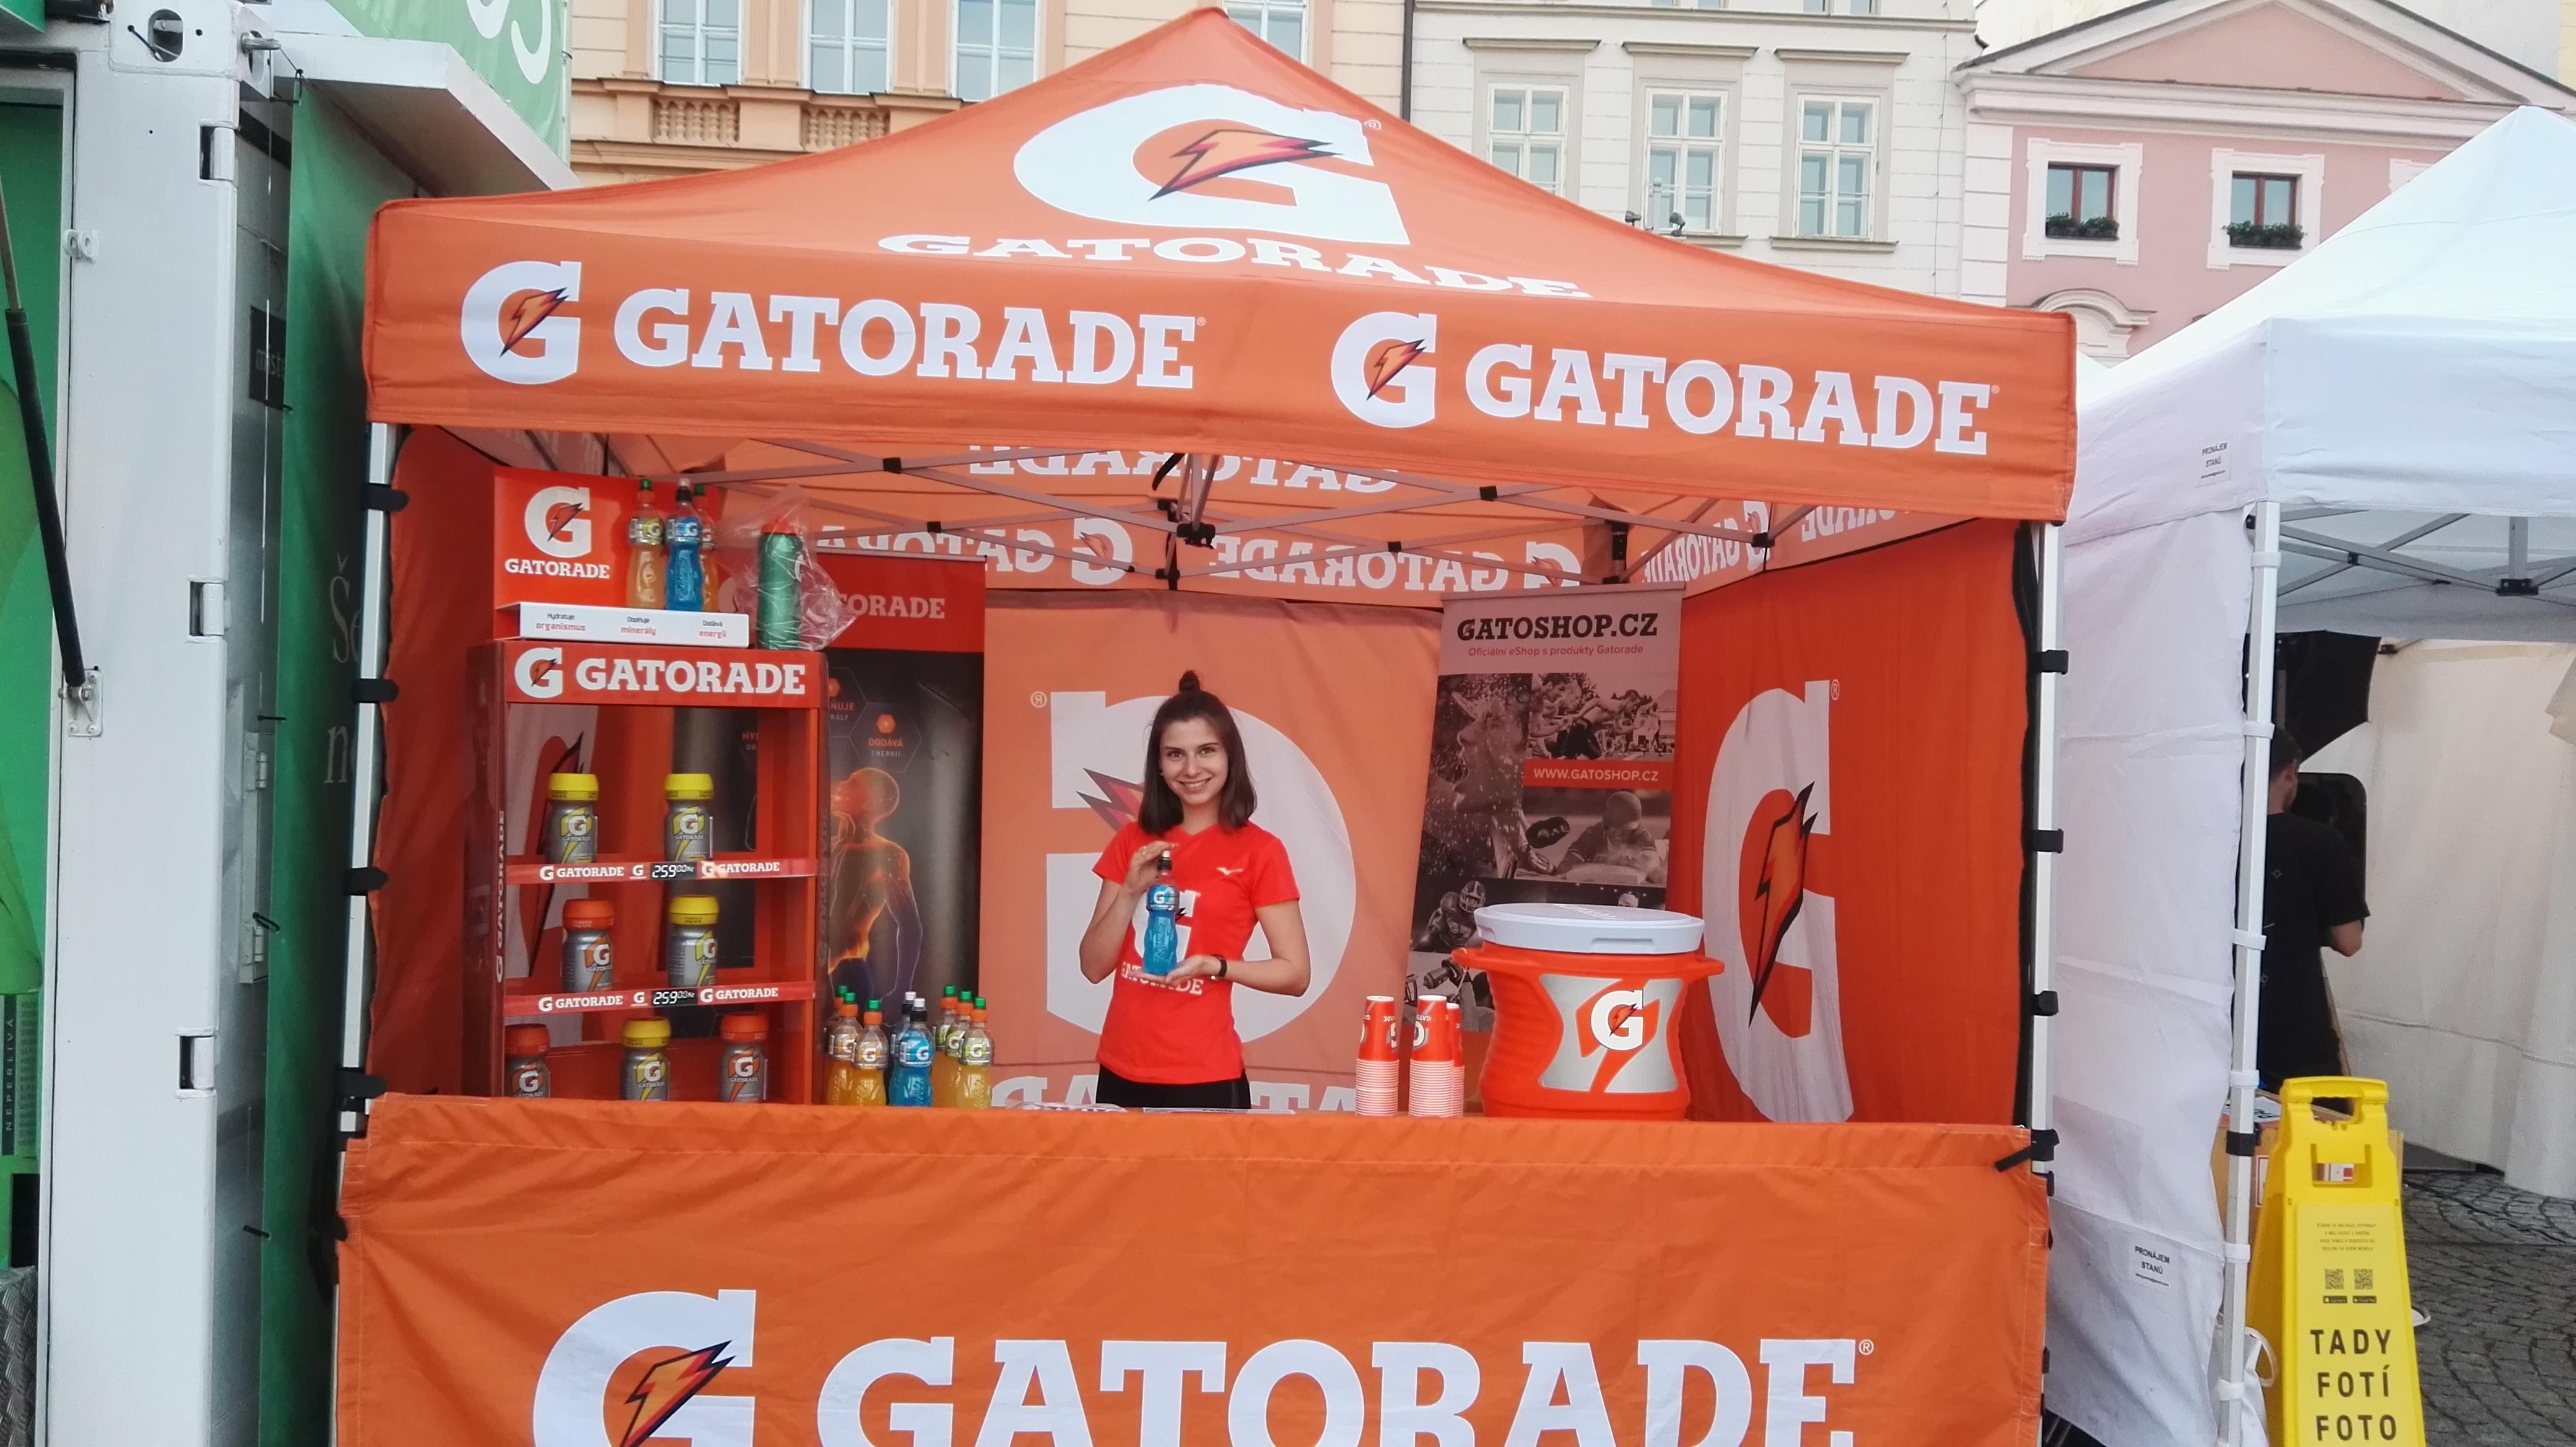 Mattoni 1/2maraton České Budějovice  1.6.2019